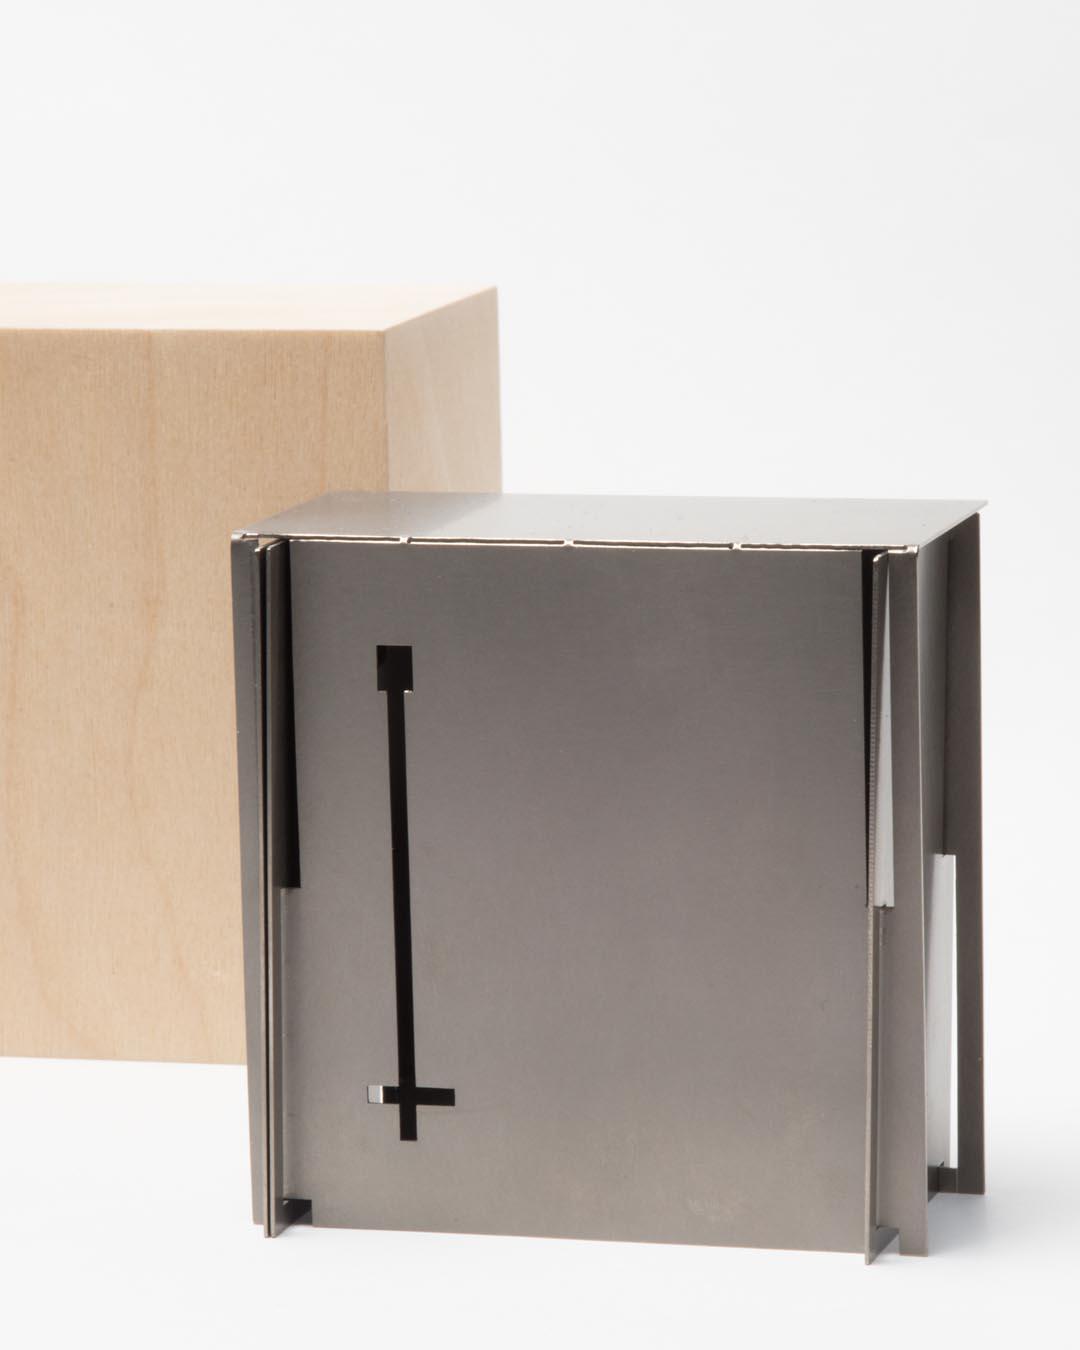 Junwon Jung, untitled, 2019, brooch; galvanised steel, wood, 75 x 75 x 40 mm, €2450 (image 1/2)